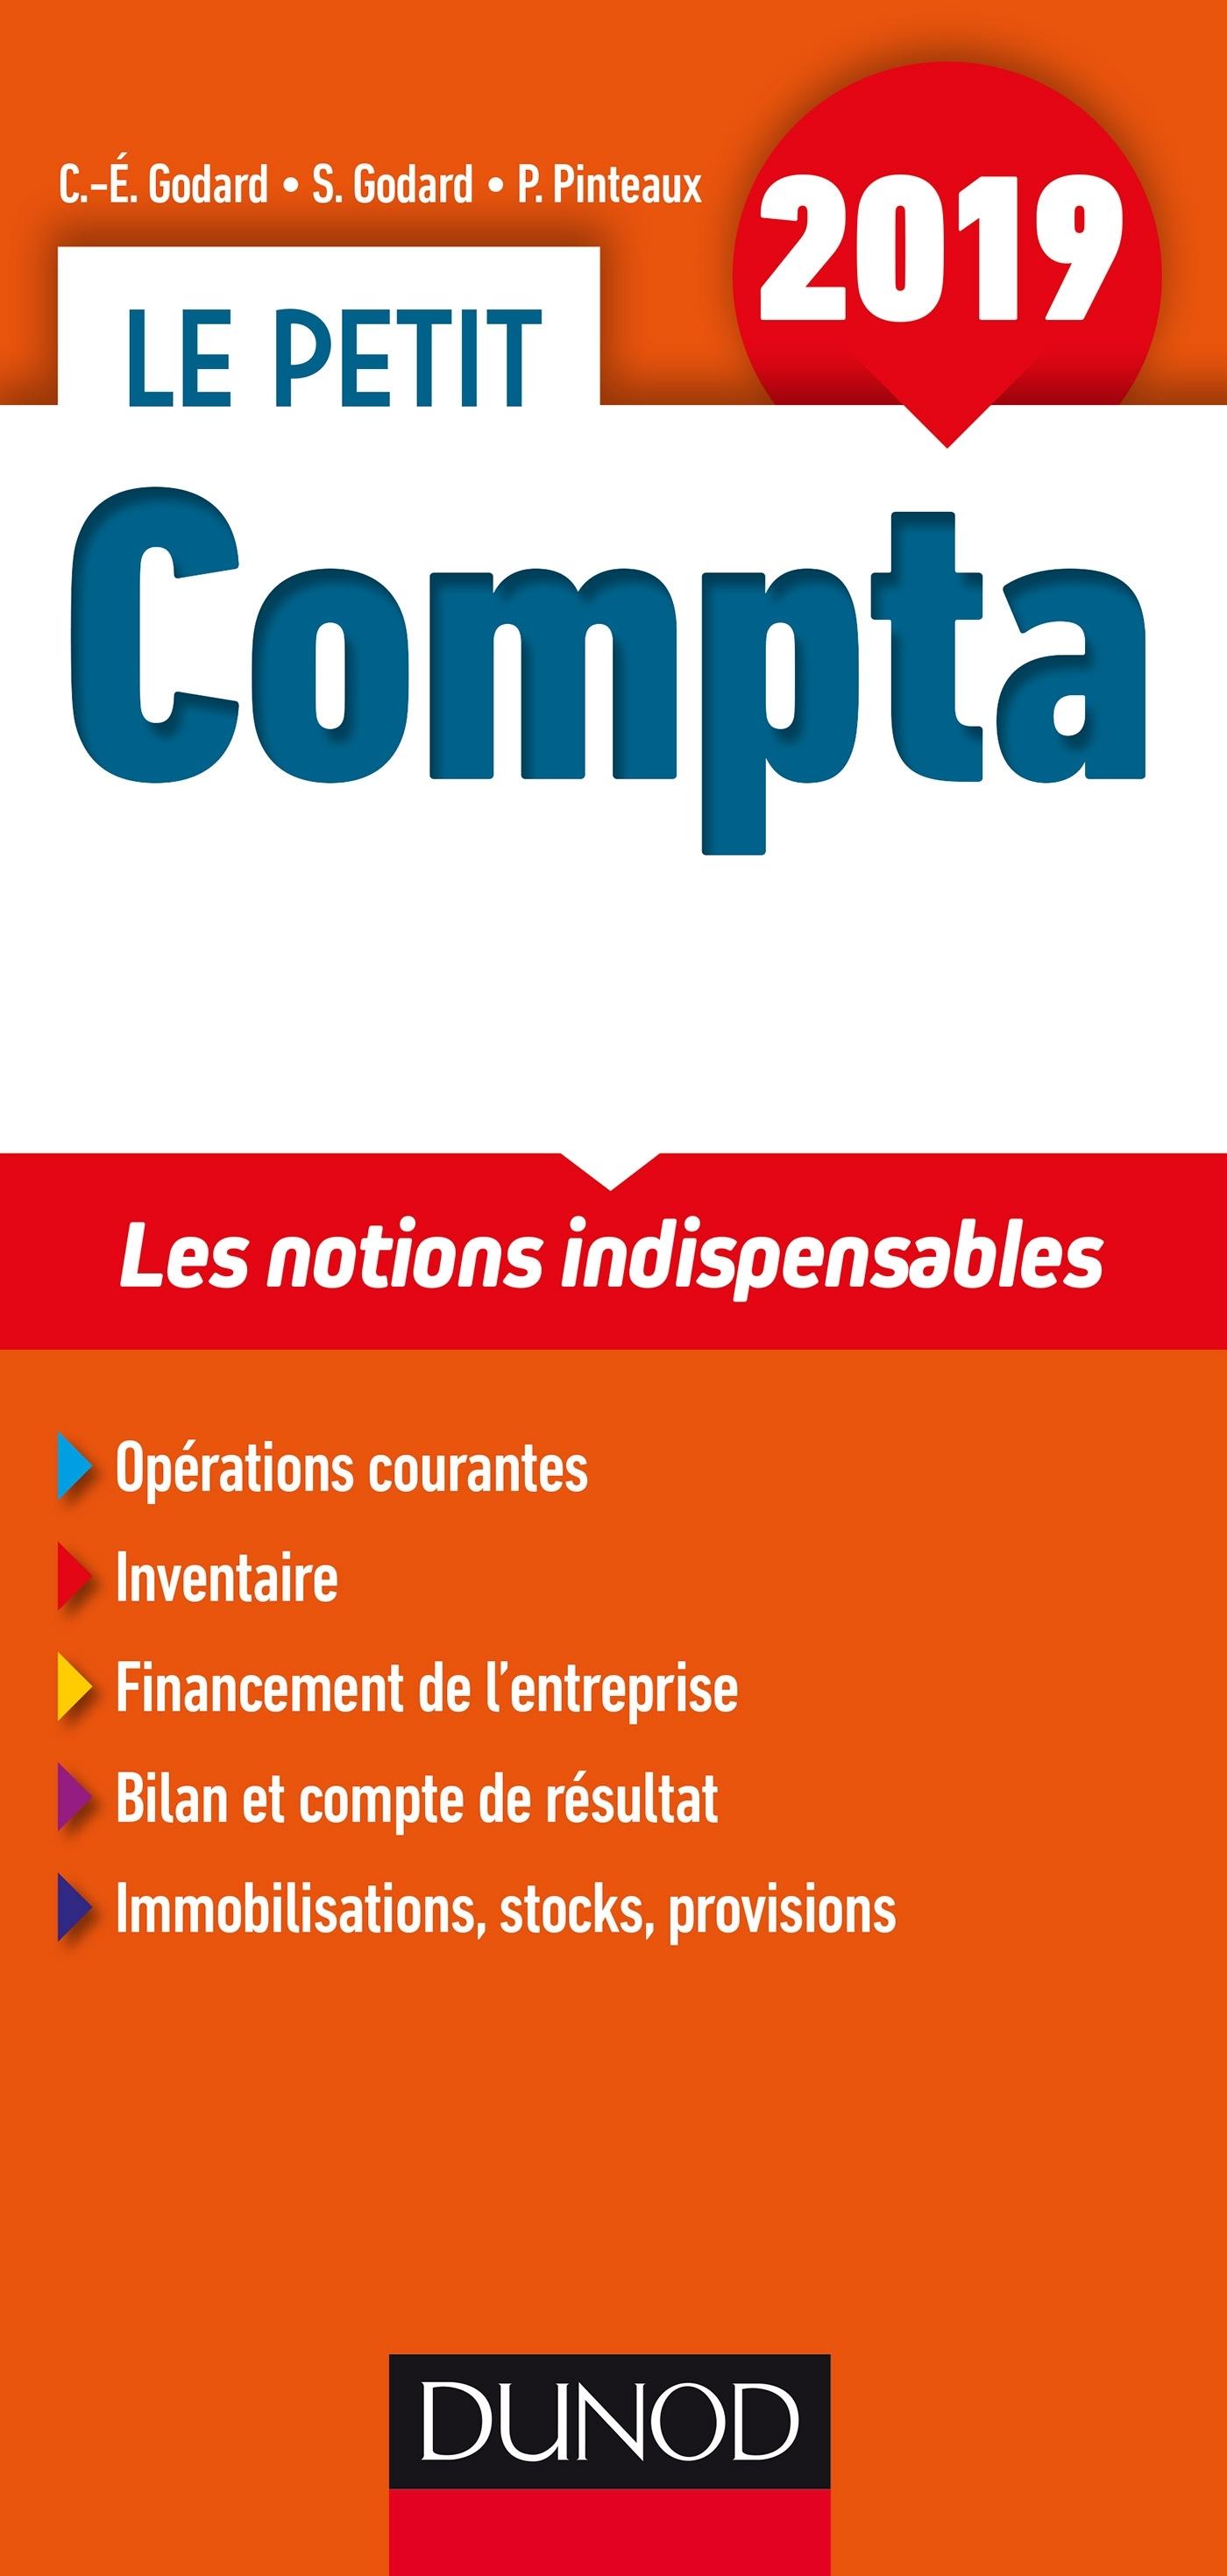 LE PETIT COMPTA 2019 - LES NOTIONS INDISPENSABLES